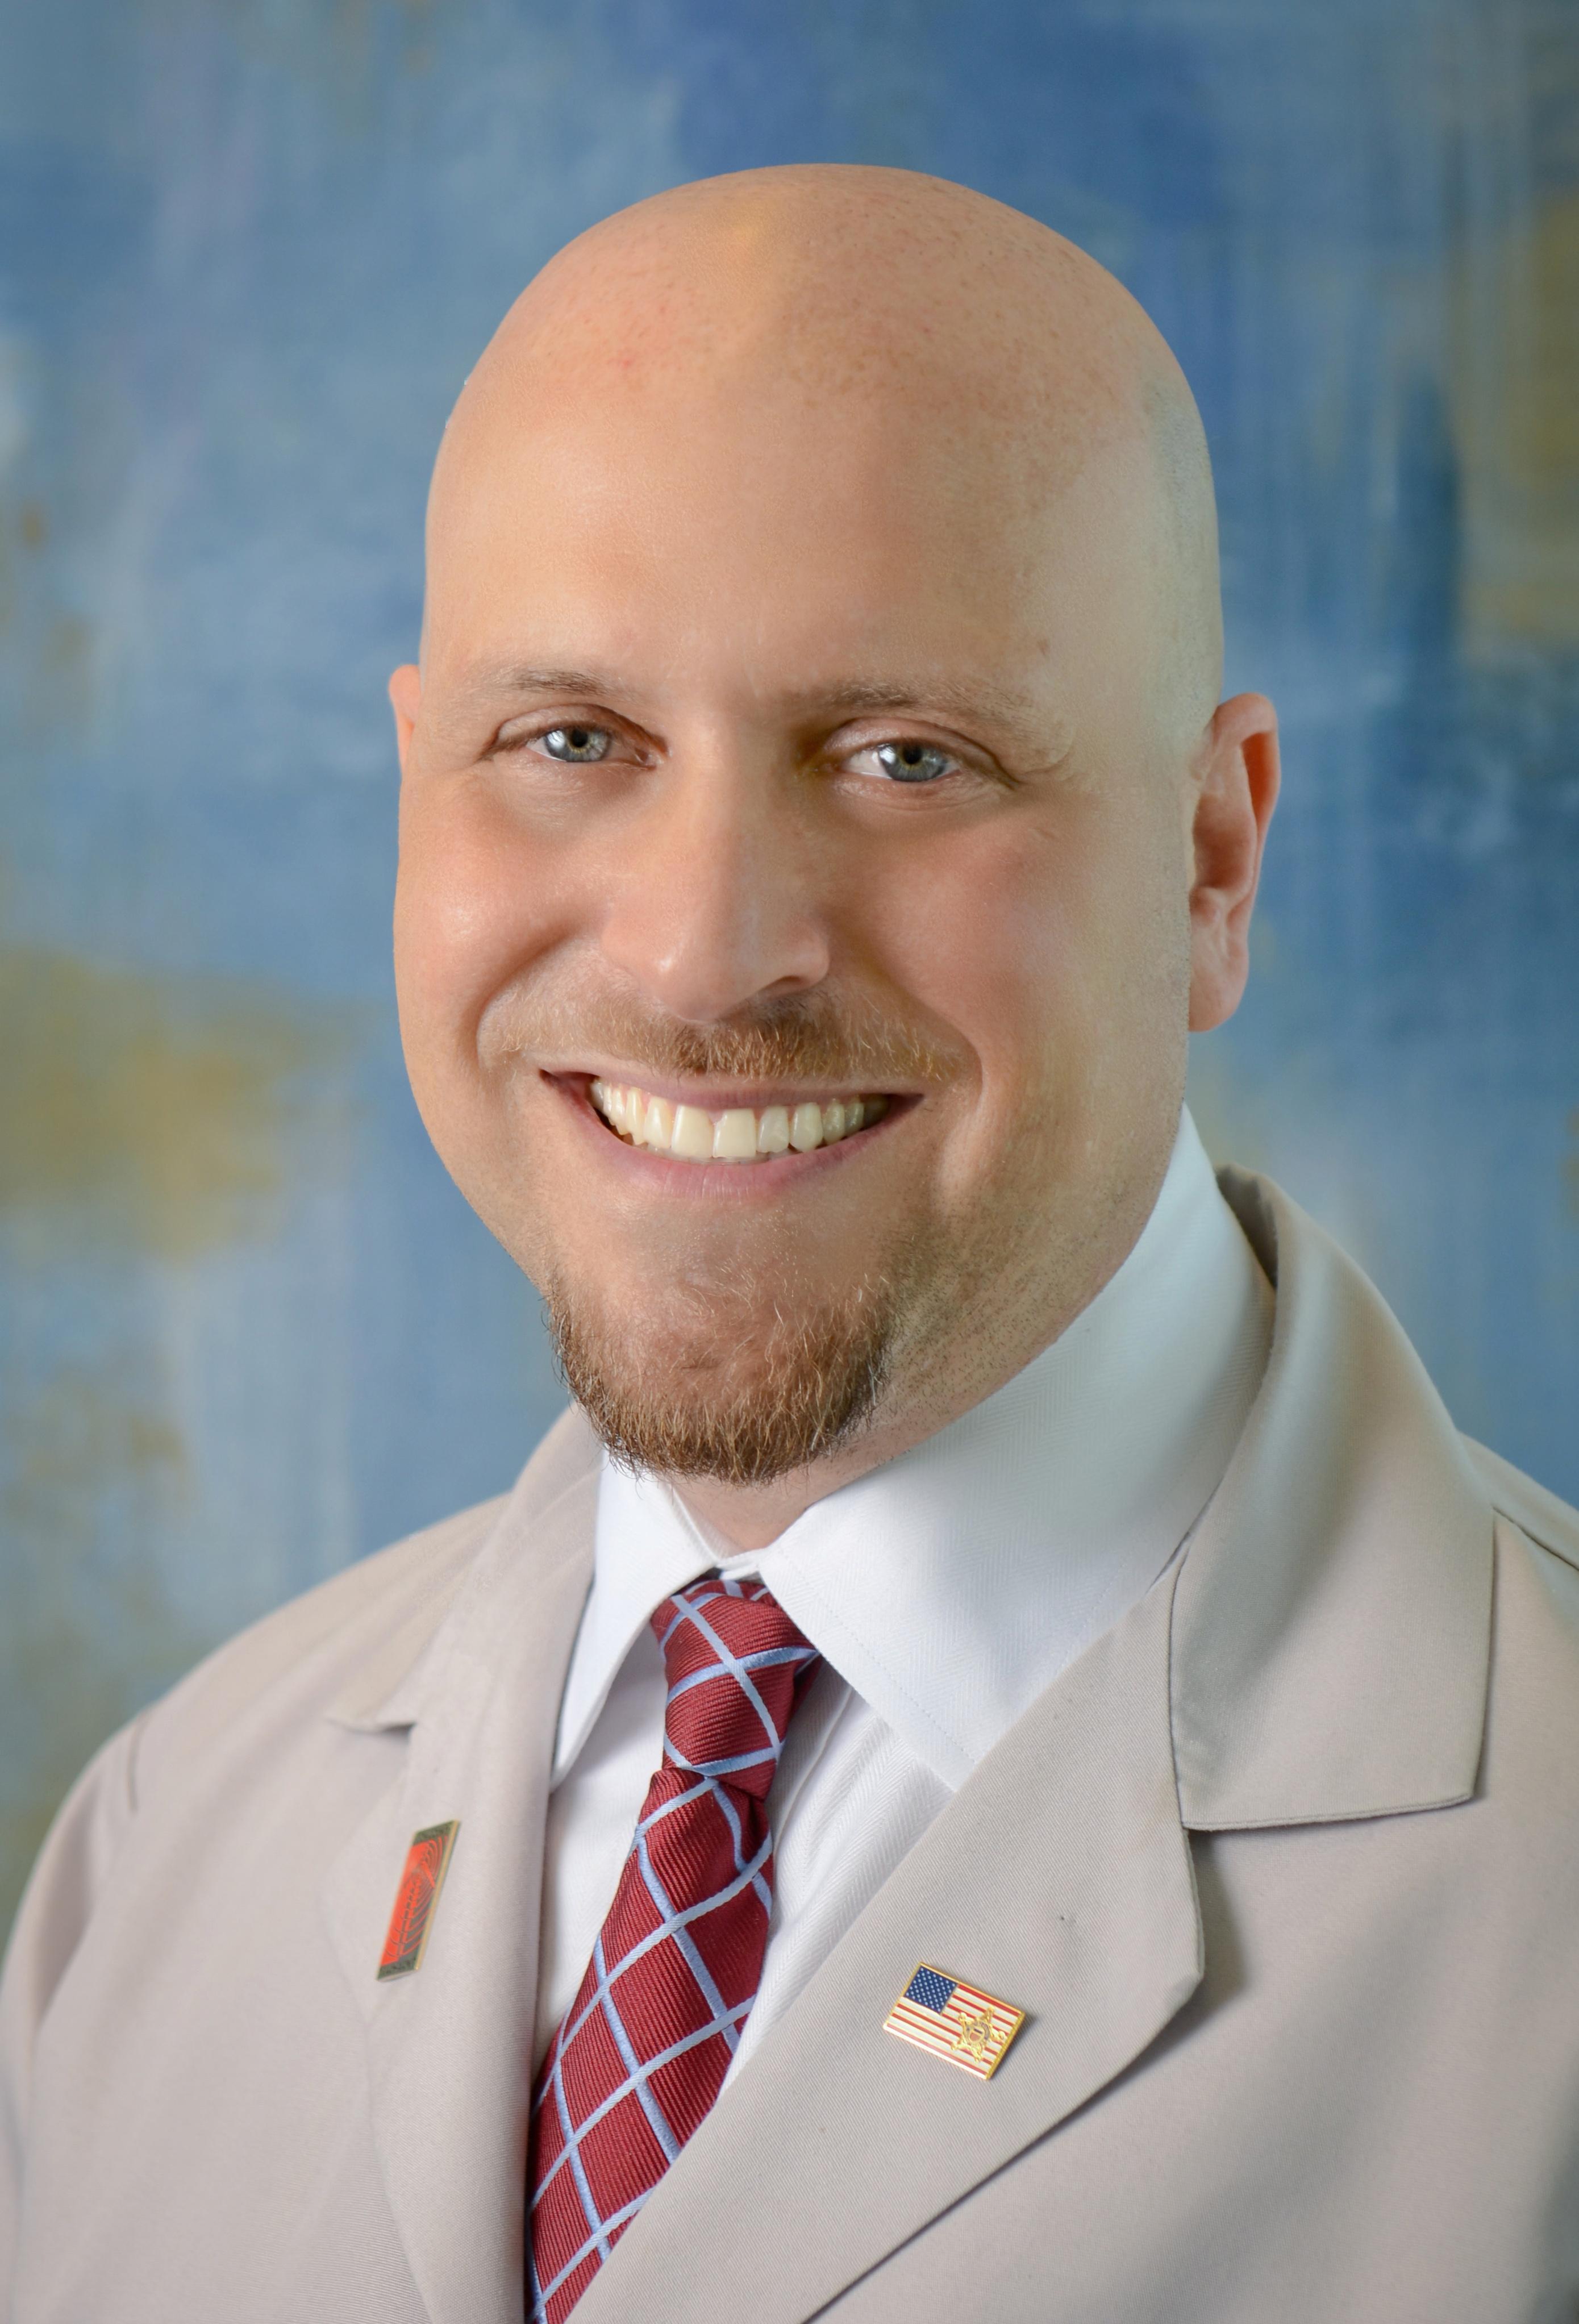 Andrew J. Dennis, DO